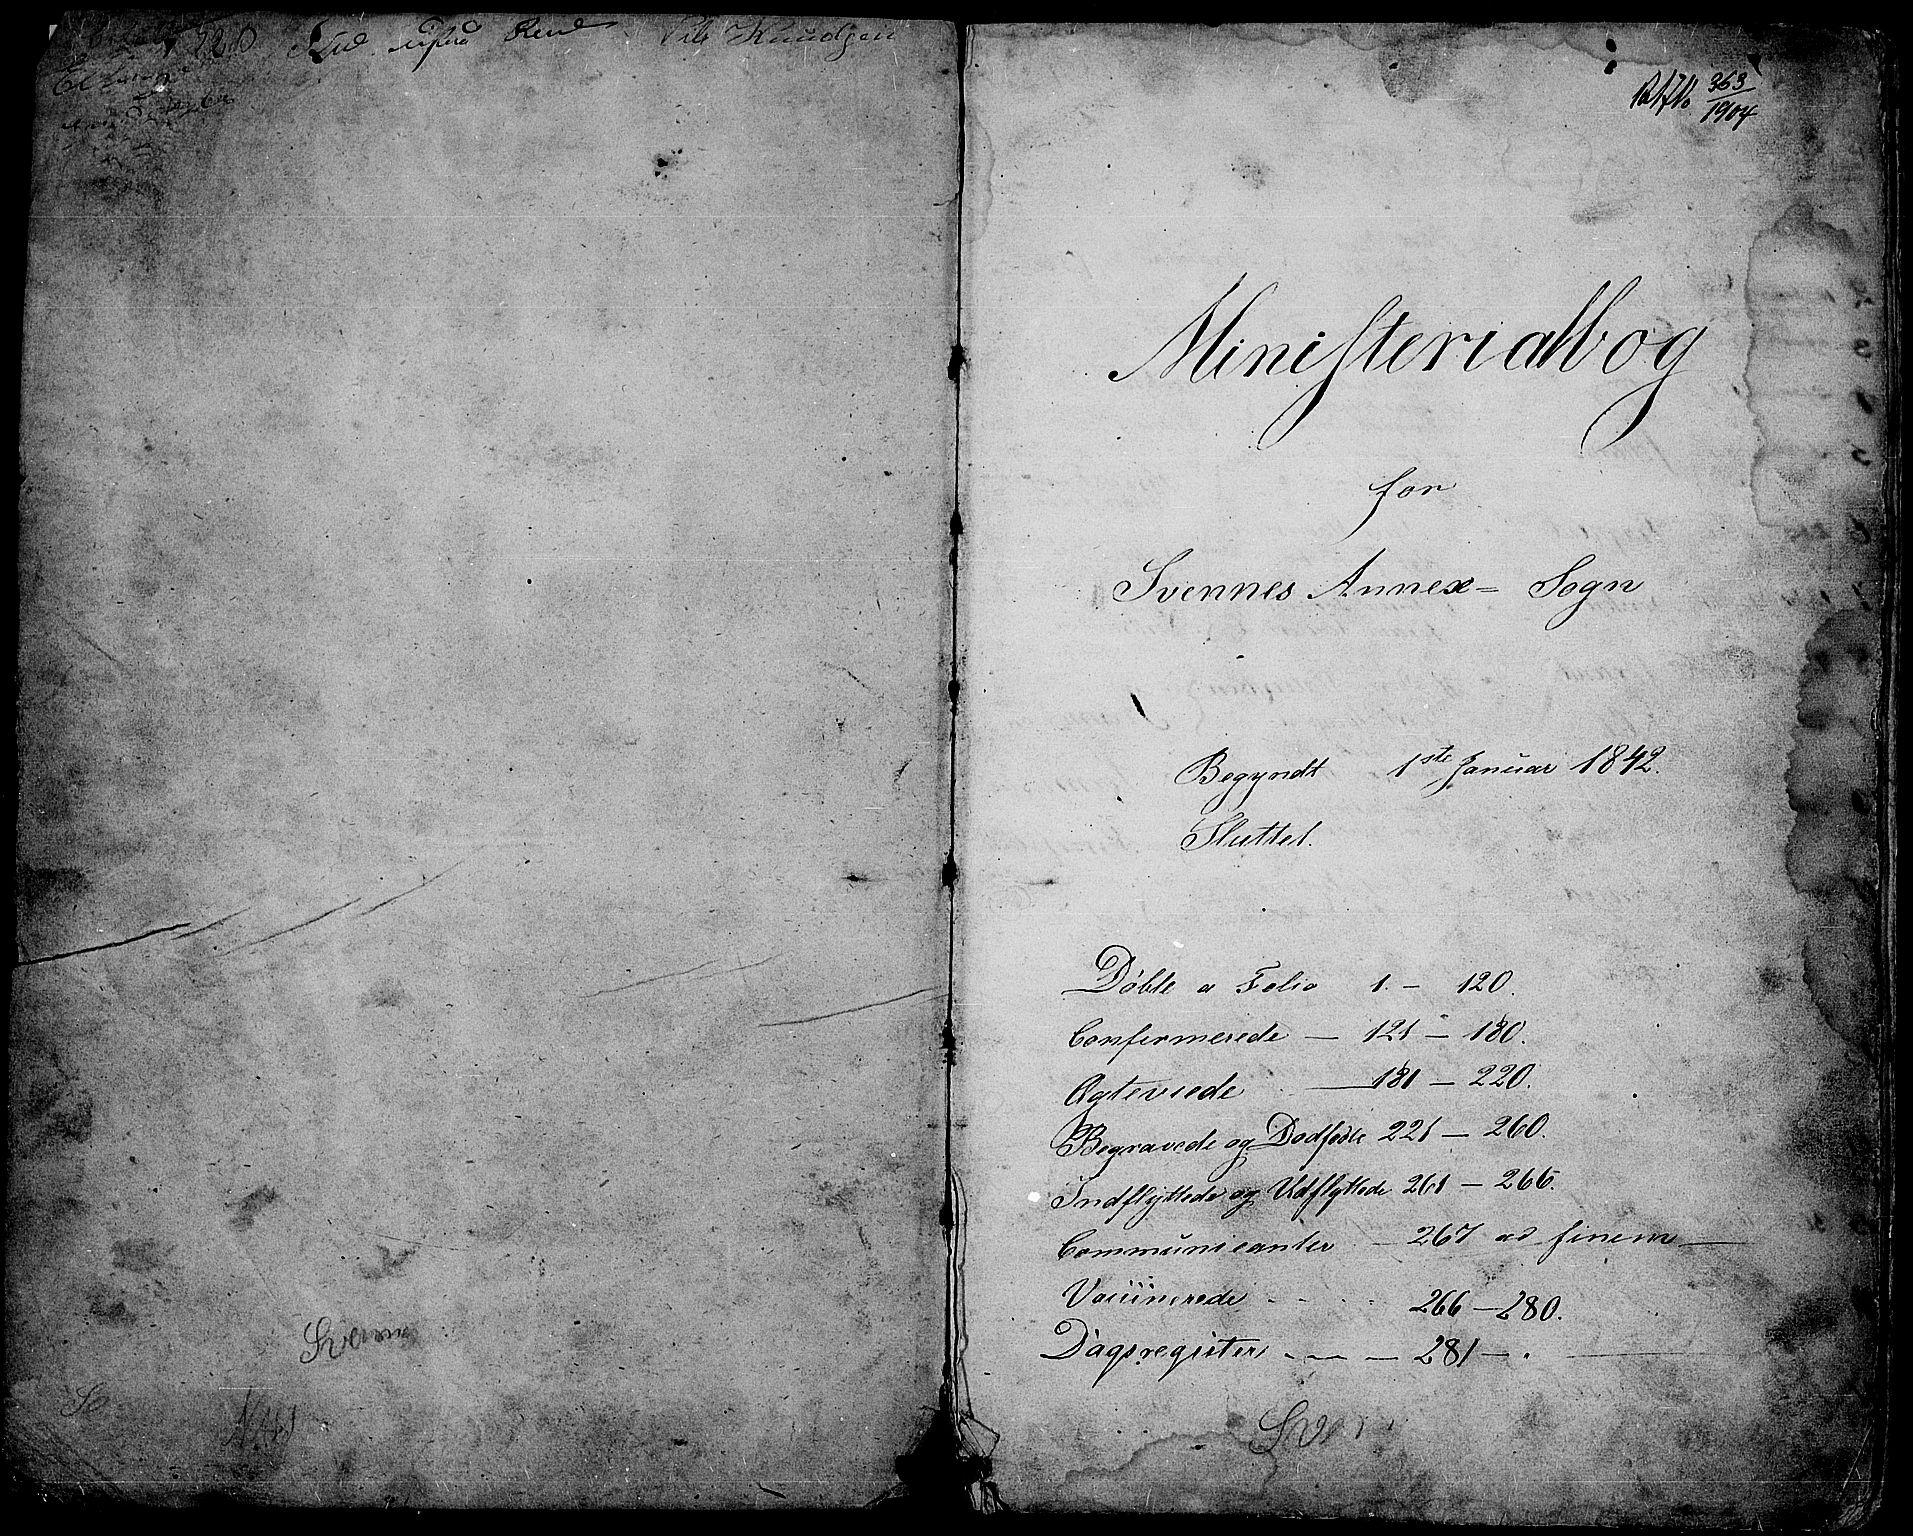 SAH, Nord-Aurdal prestekontor, Klokkerbok nr. 3, 1842-1882